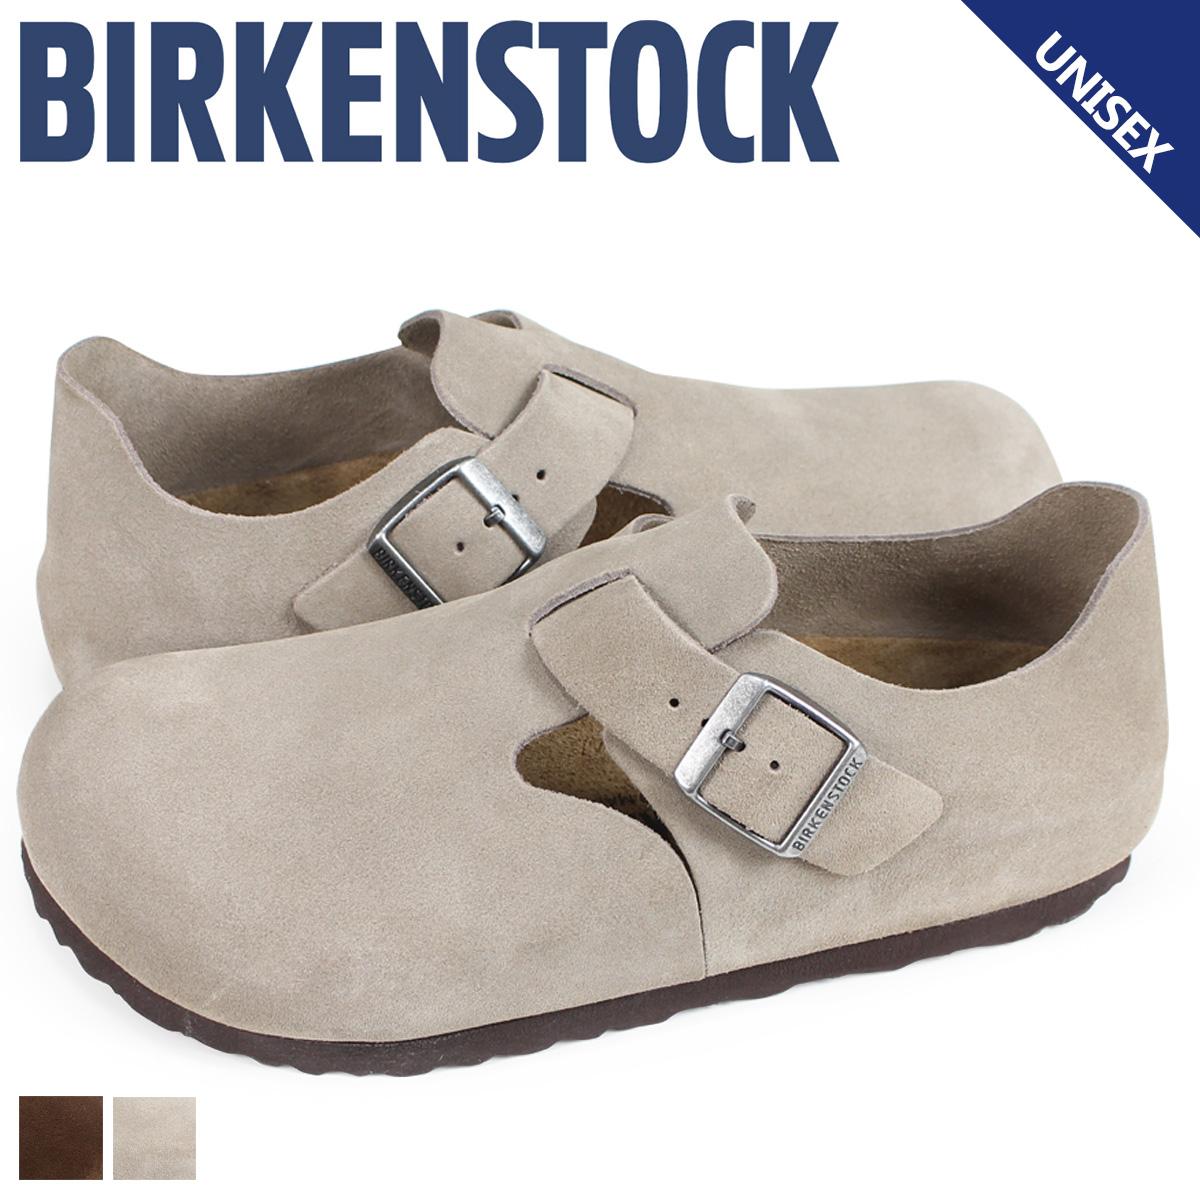 BIRKENSTOCK ロンドン メンズ レディース ビルケンシュトック LONDON ビルケン ブーツ シューズ 細幅 普通幅